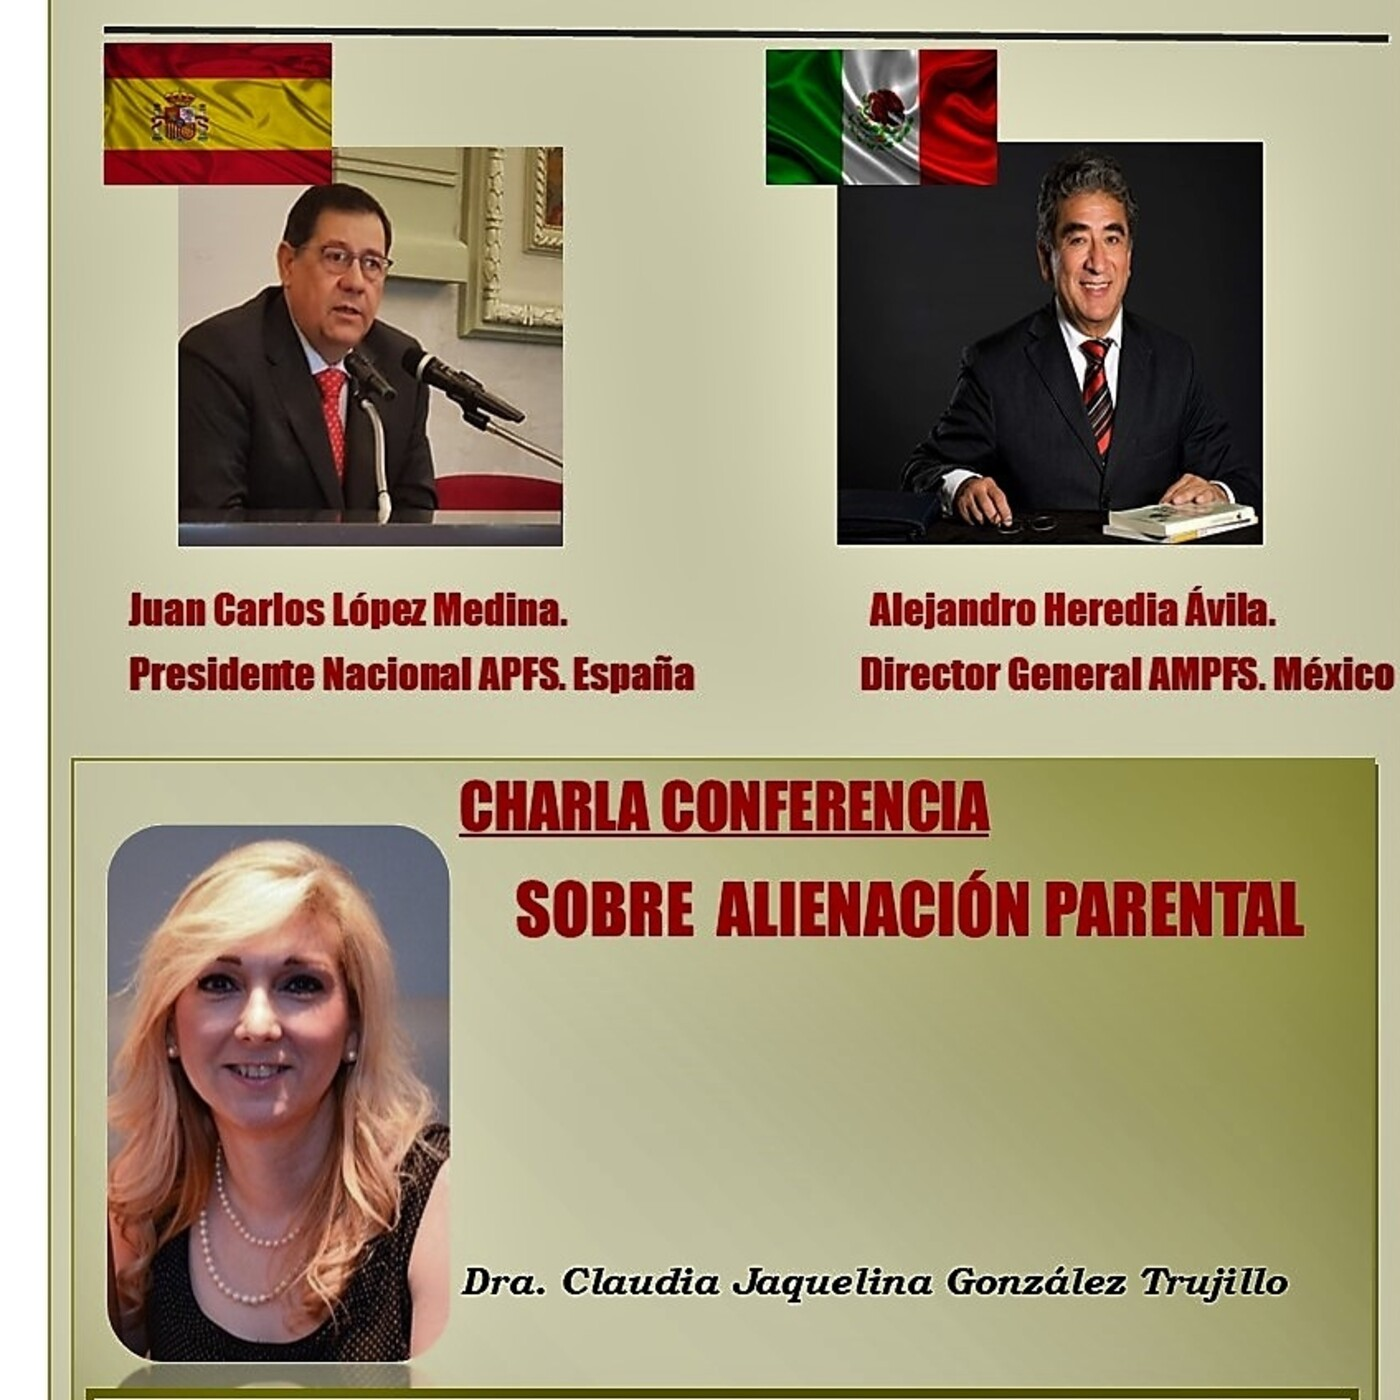 Apfs. España Homenajea a Ampfs de México en su 17 Aniversario